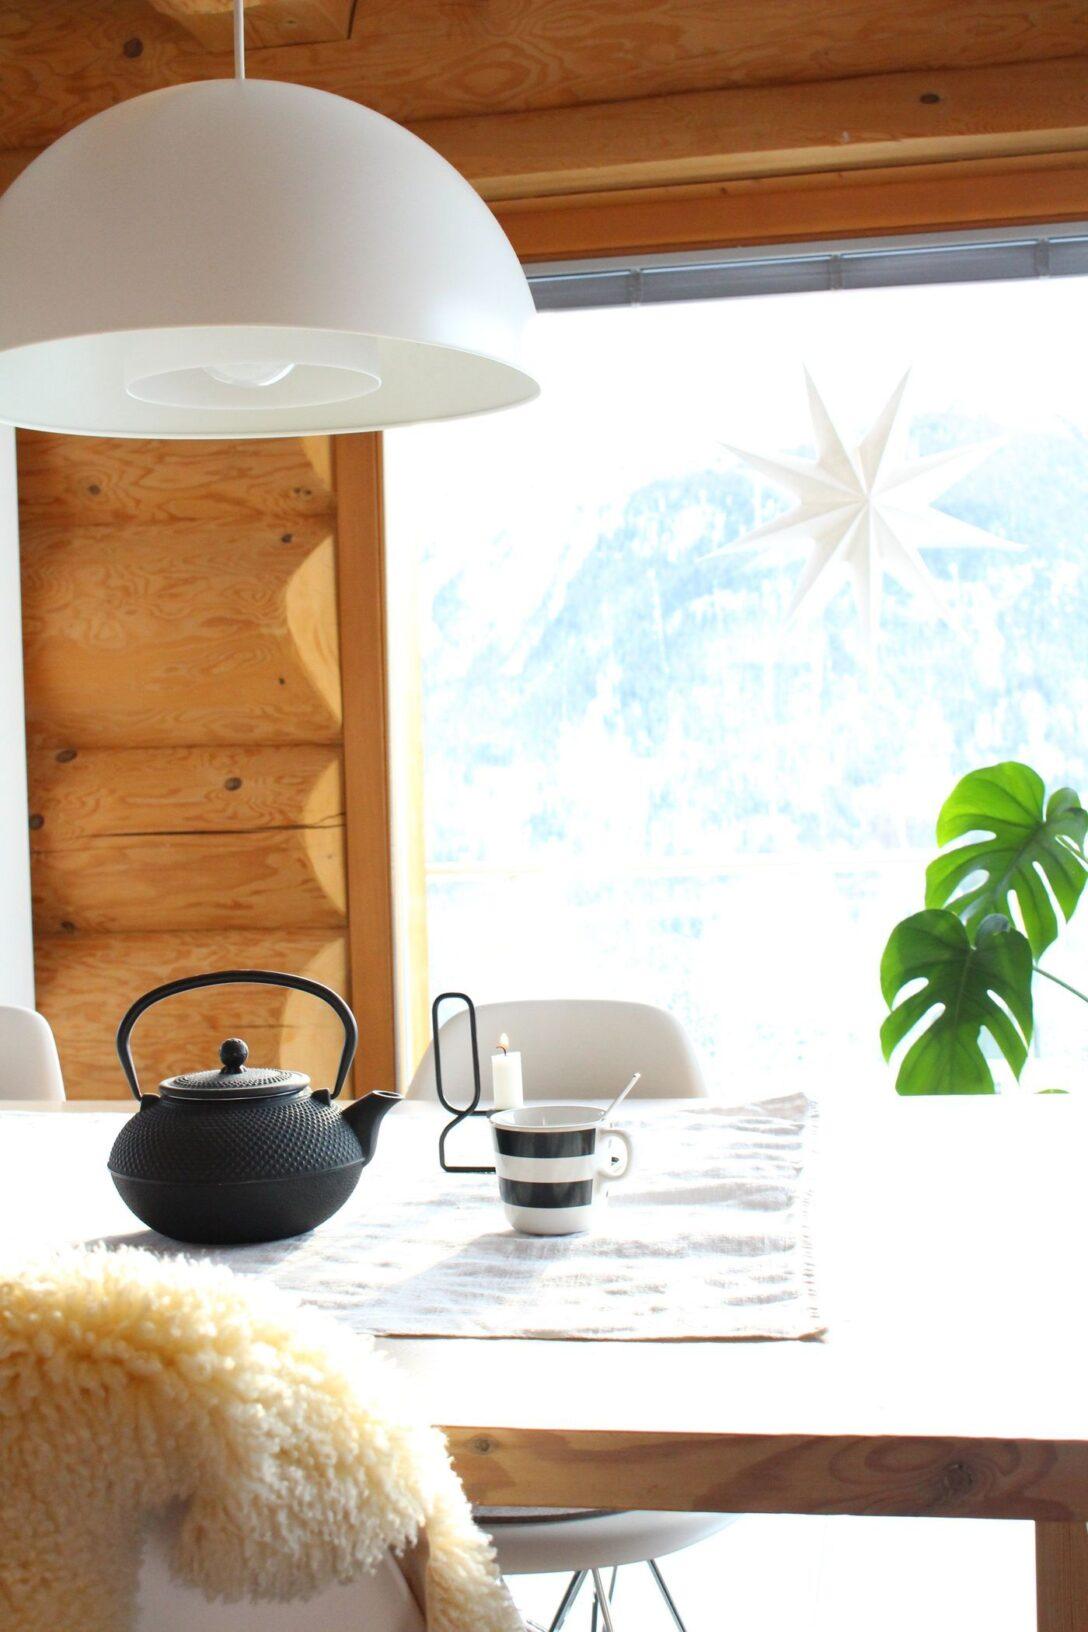 Large Size of Lampen Wohnzimmer Decke Ikea Led Deckenleuchte Schlafzimmer Vinylboden Rollo Deckenlampen Für Küche Kosten Indirekte Beleuchtung Bilder Modern Liege Wohnzimmer Lampen Wohnzimmer Decke Ikea